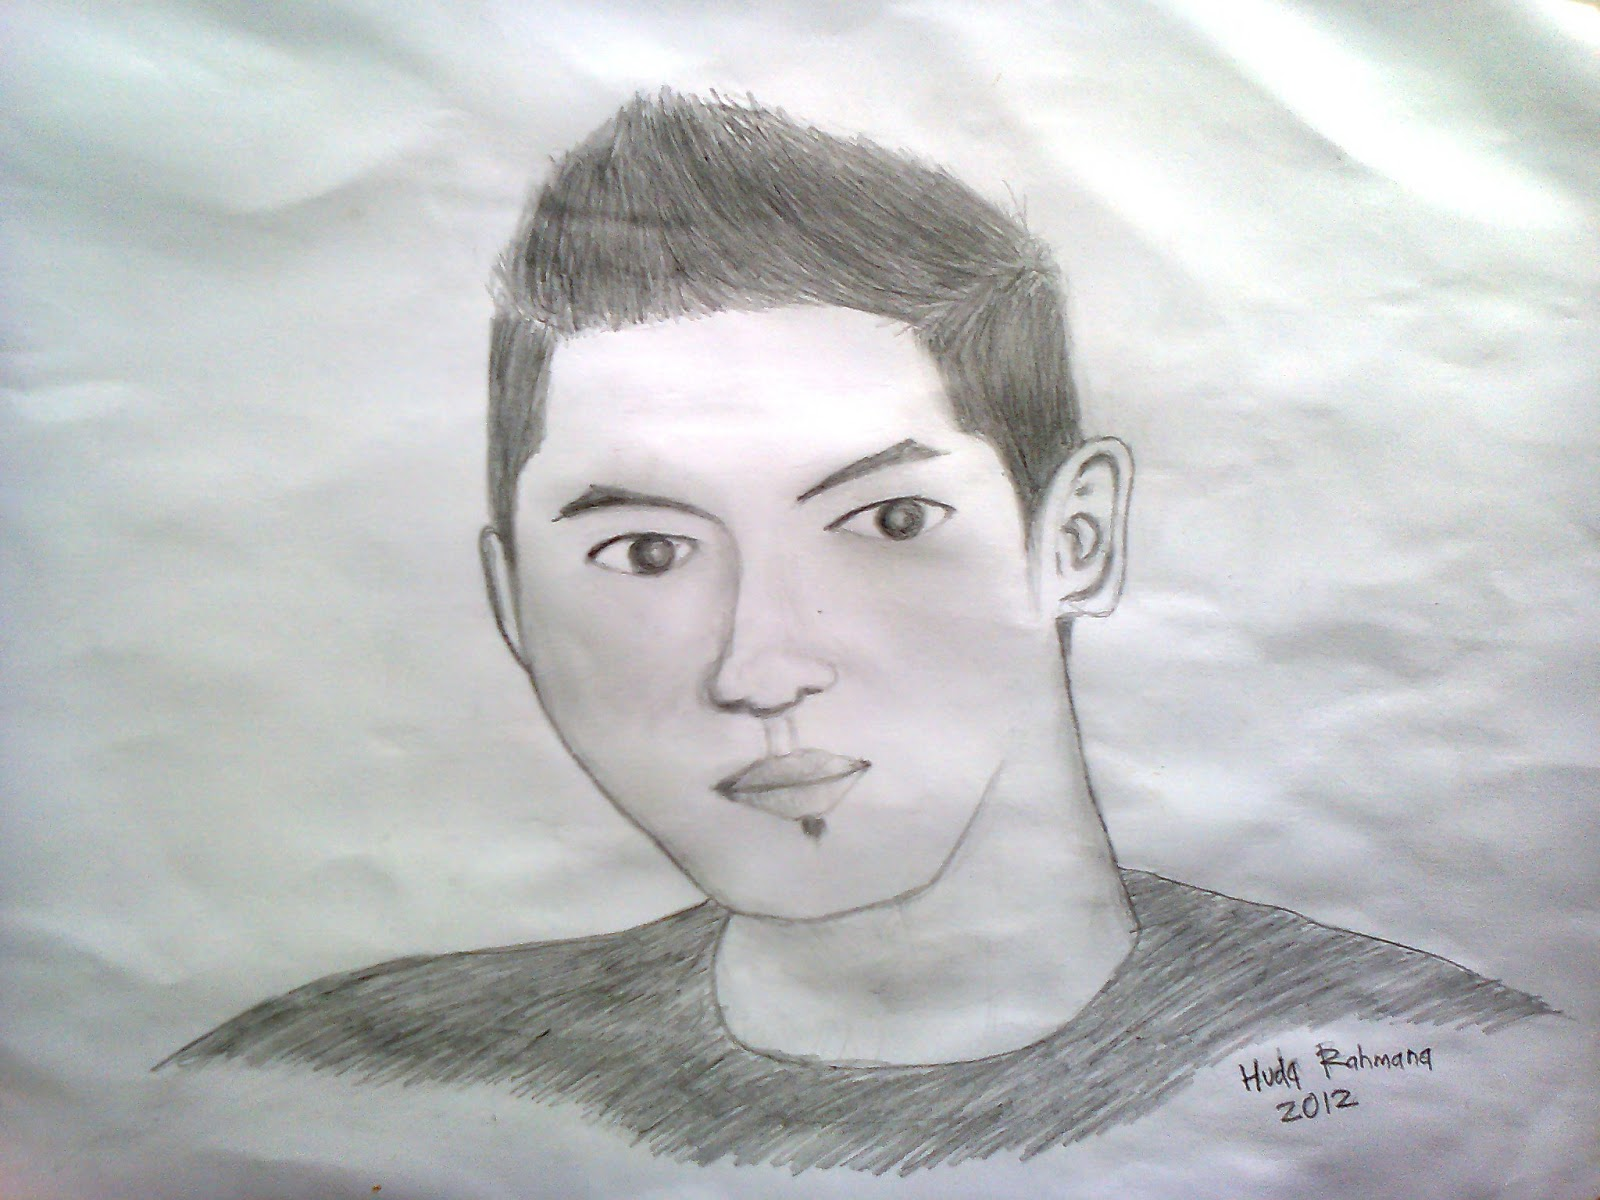 Membuat Gambar Wajah Sendiri dengan Pensil ~ Obat Nyamuk